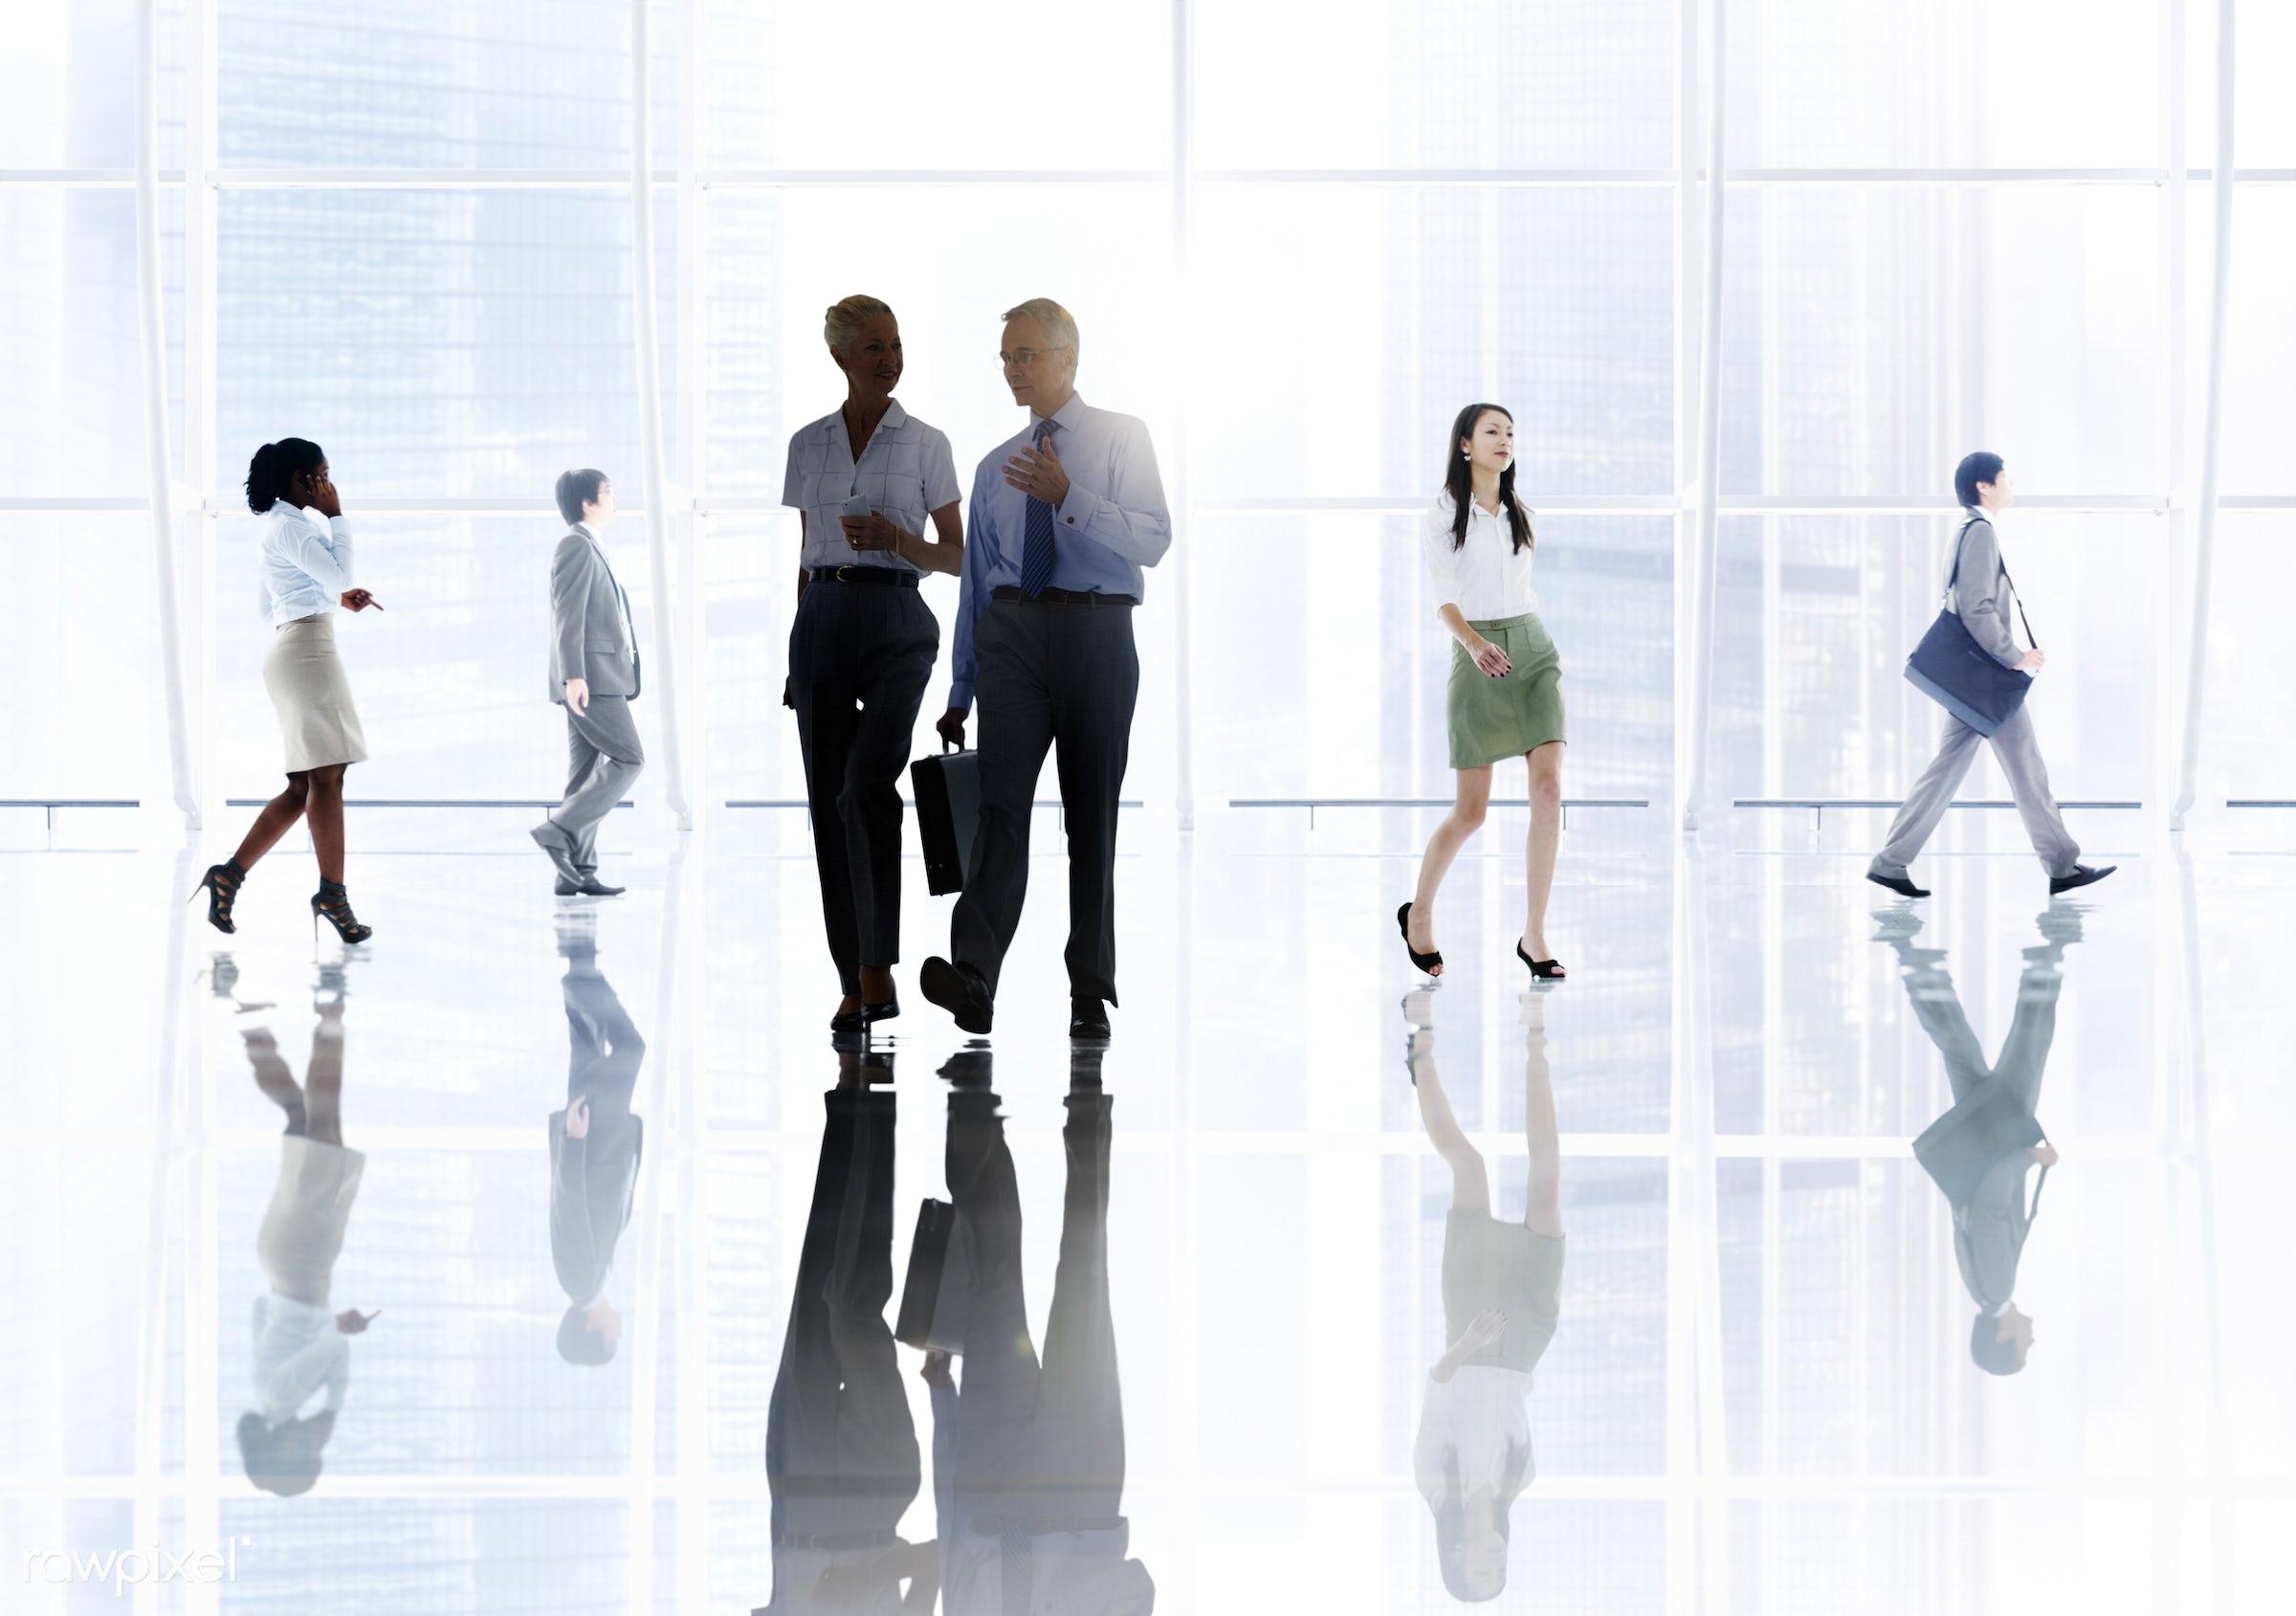 building, business, business people, businessmen, businesswomen, cityscape, colleagues, communication, commuter, concepts,...